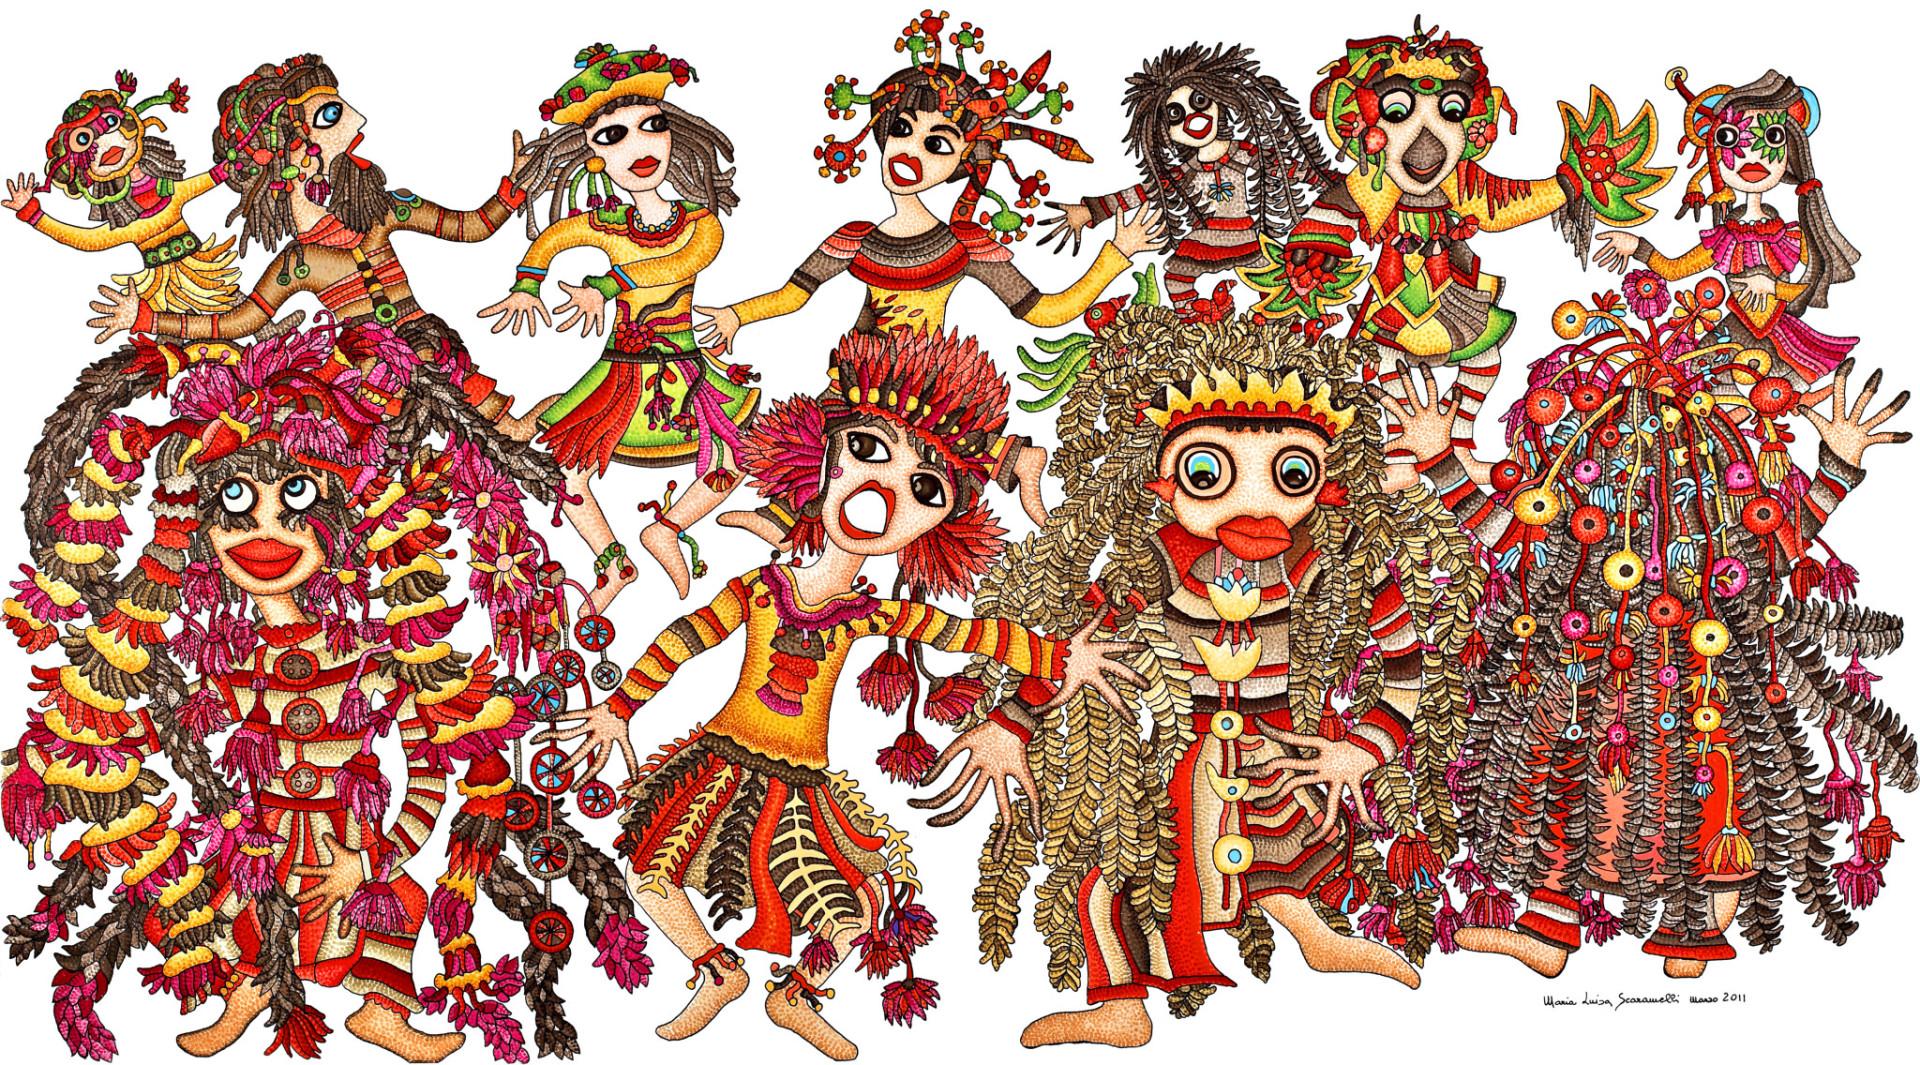 Spiriti danzanti II